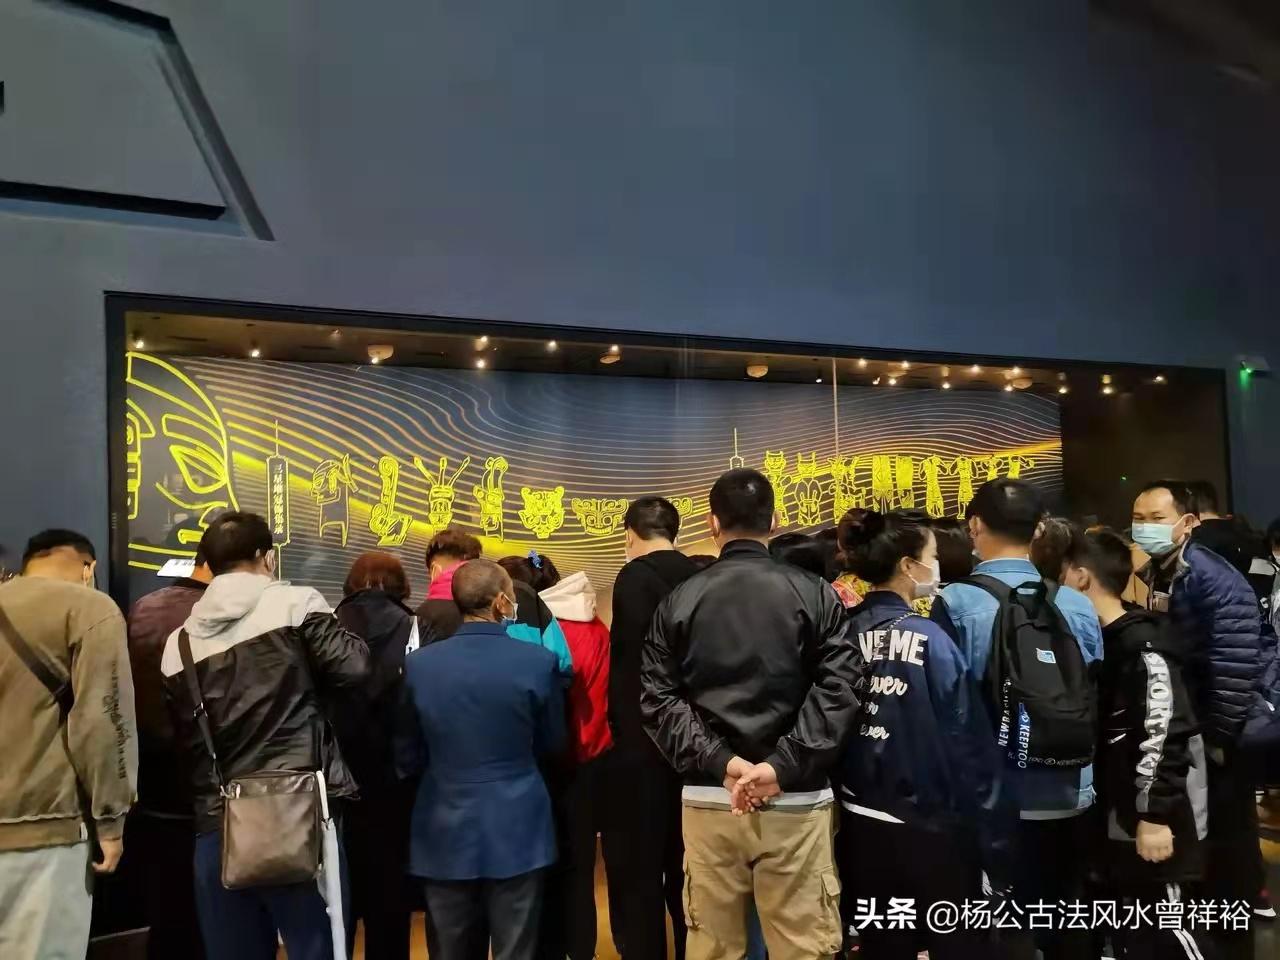 曾祥裕风水团队考察 广汉三星堆王城  发现古人选址的风水智慧